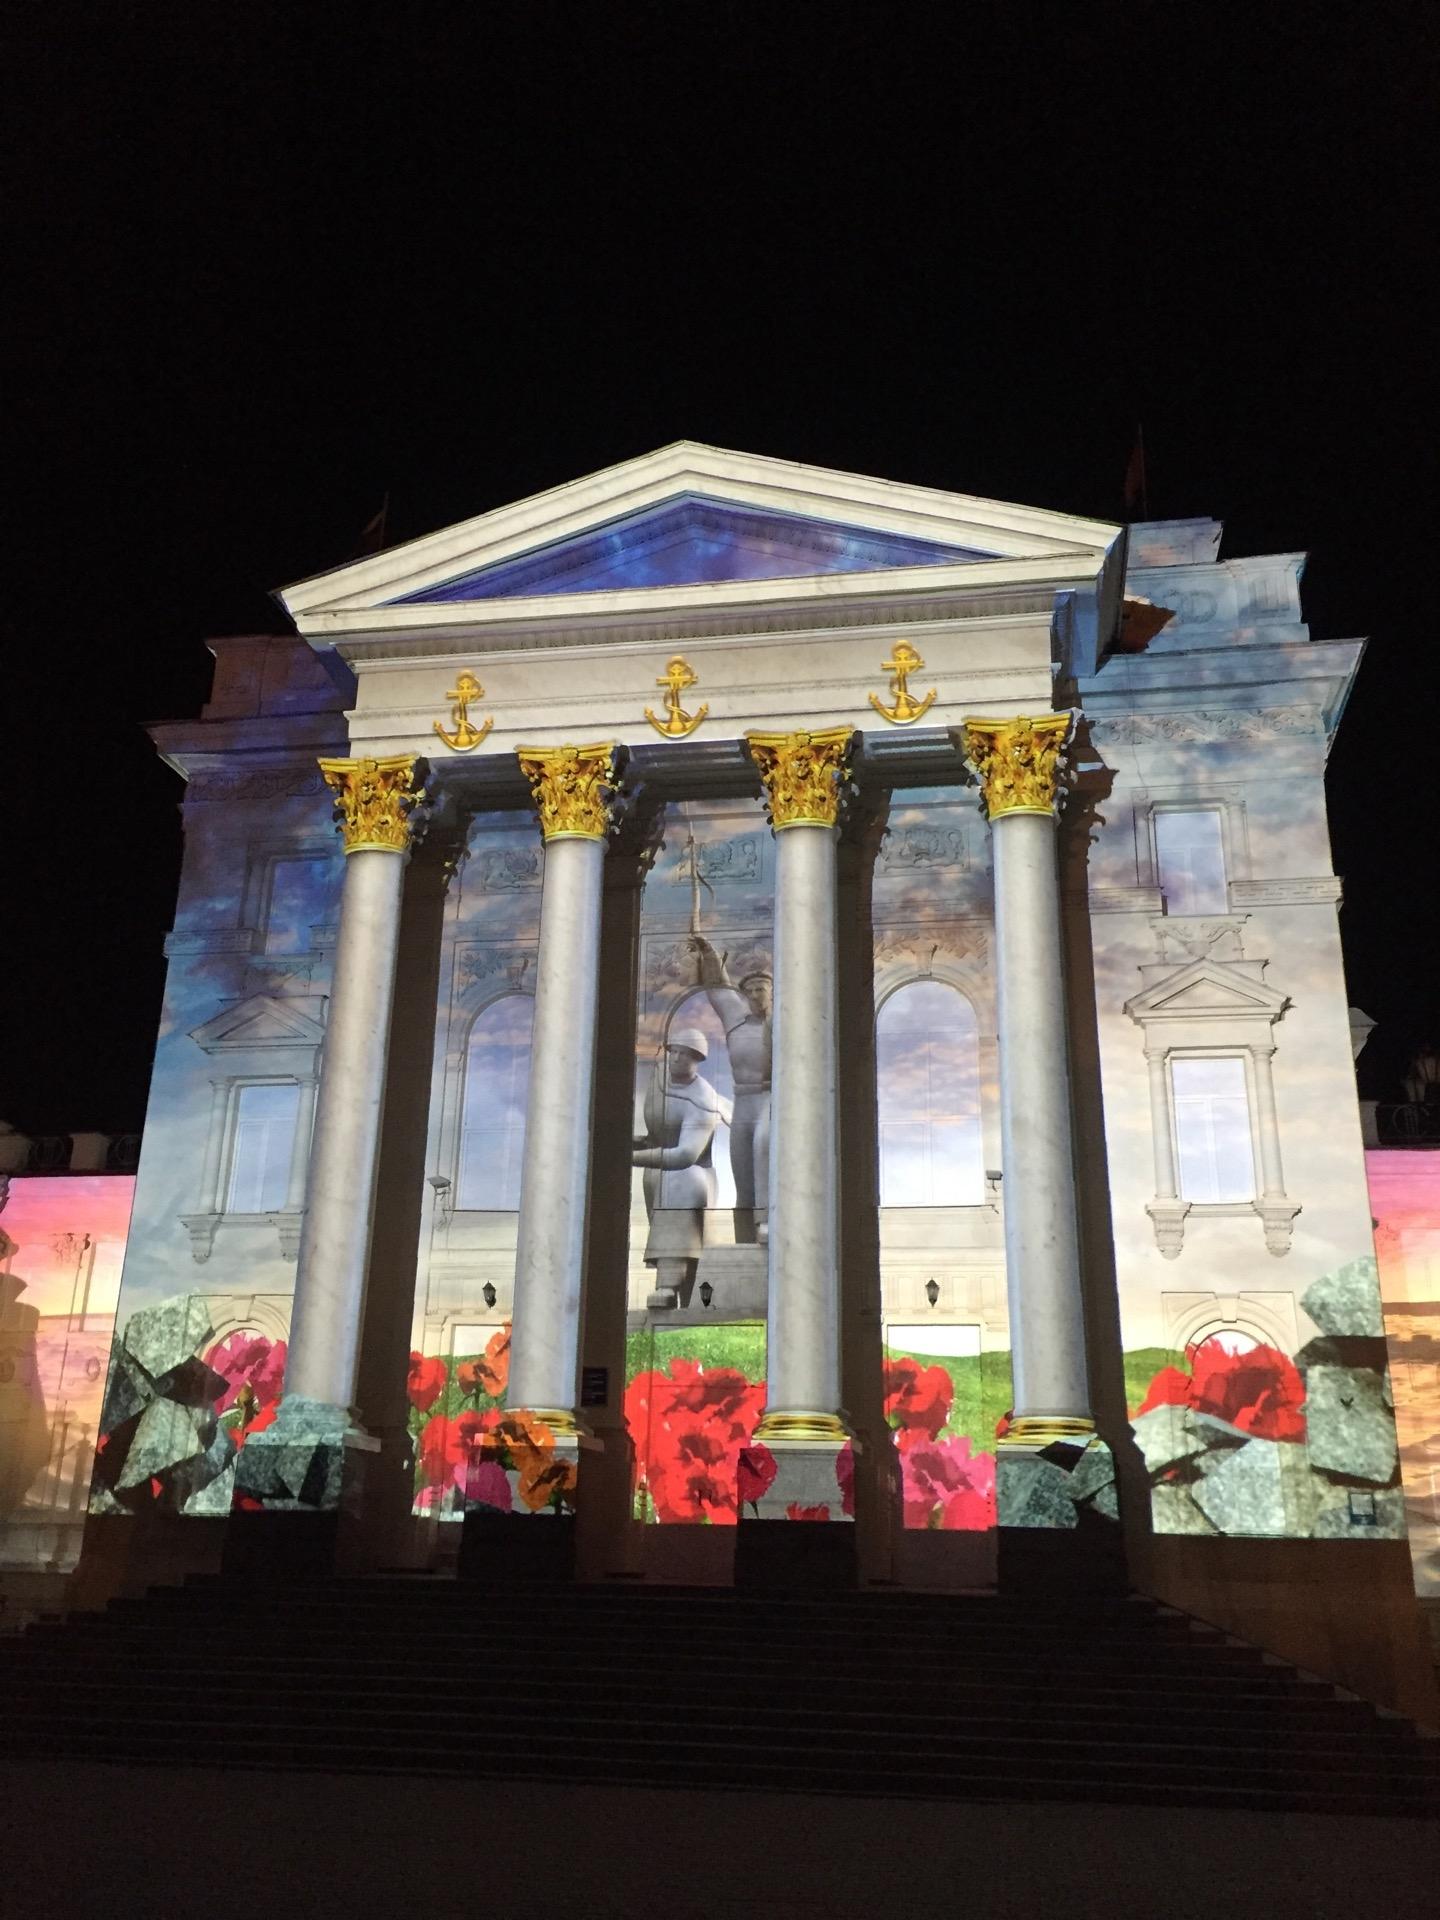 севастополь дворец фото детства